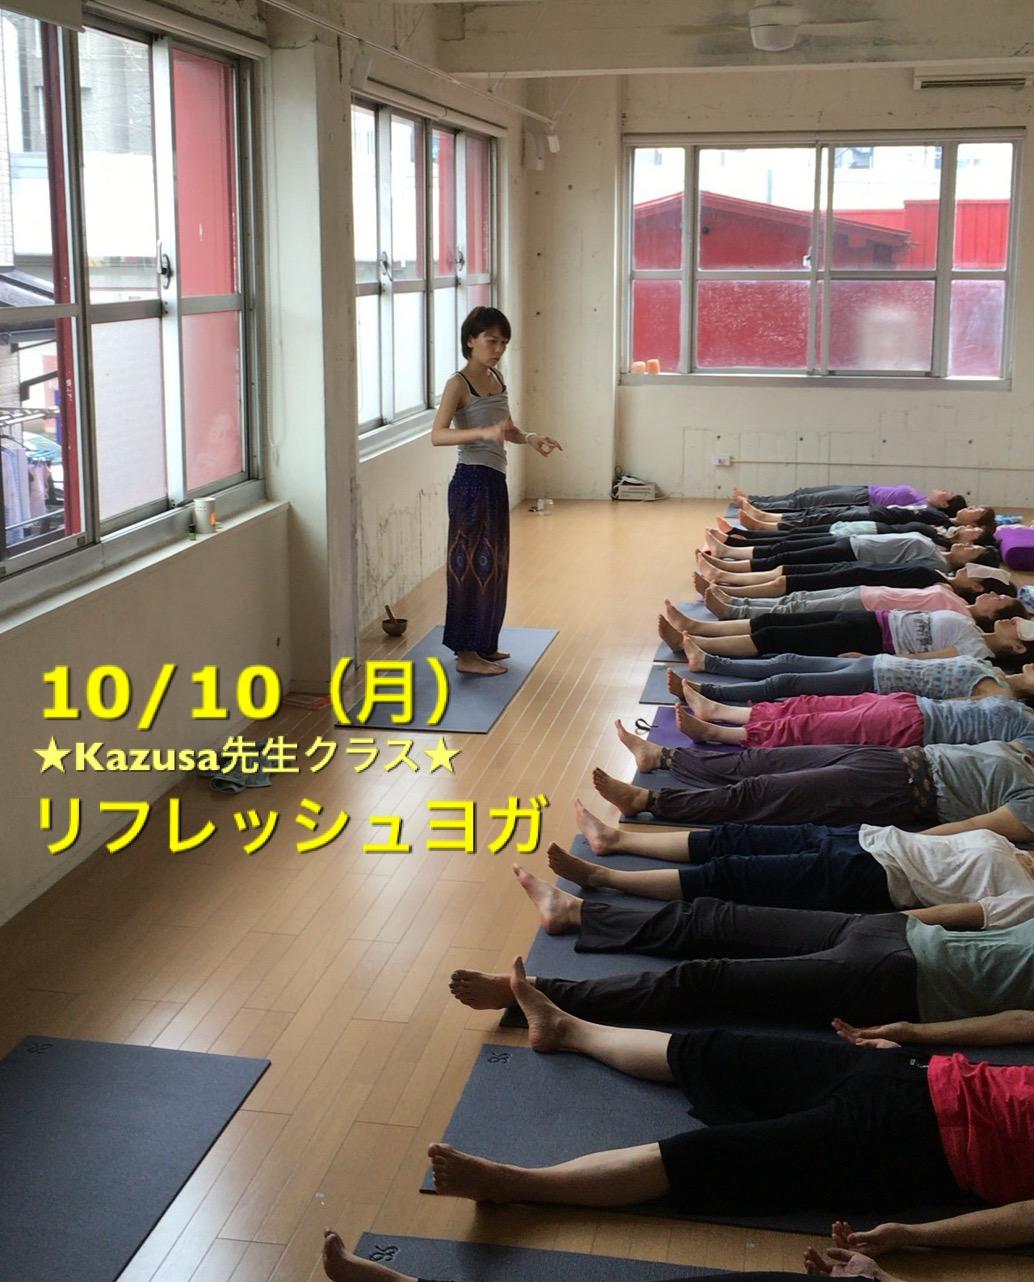 ☆10/10祝日特別クラス!☆